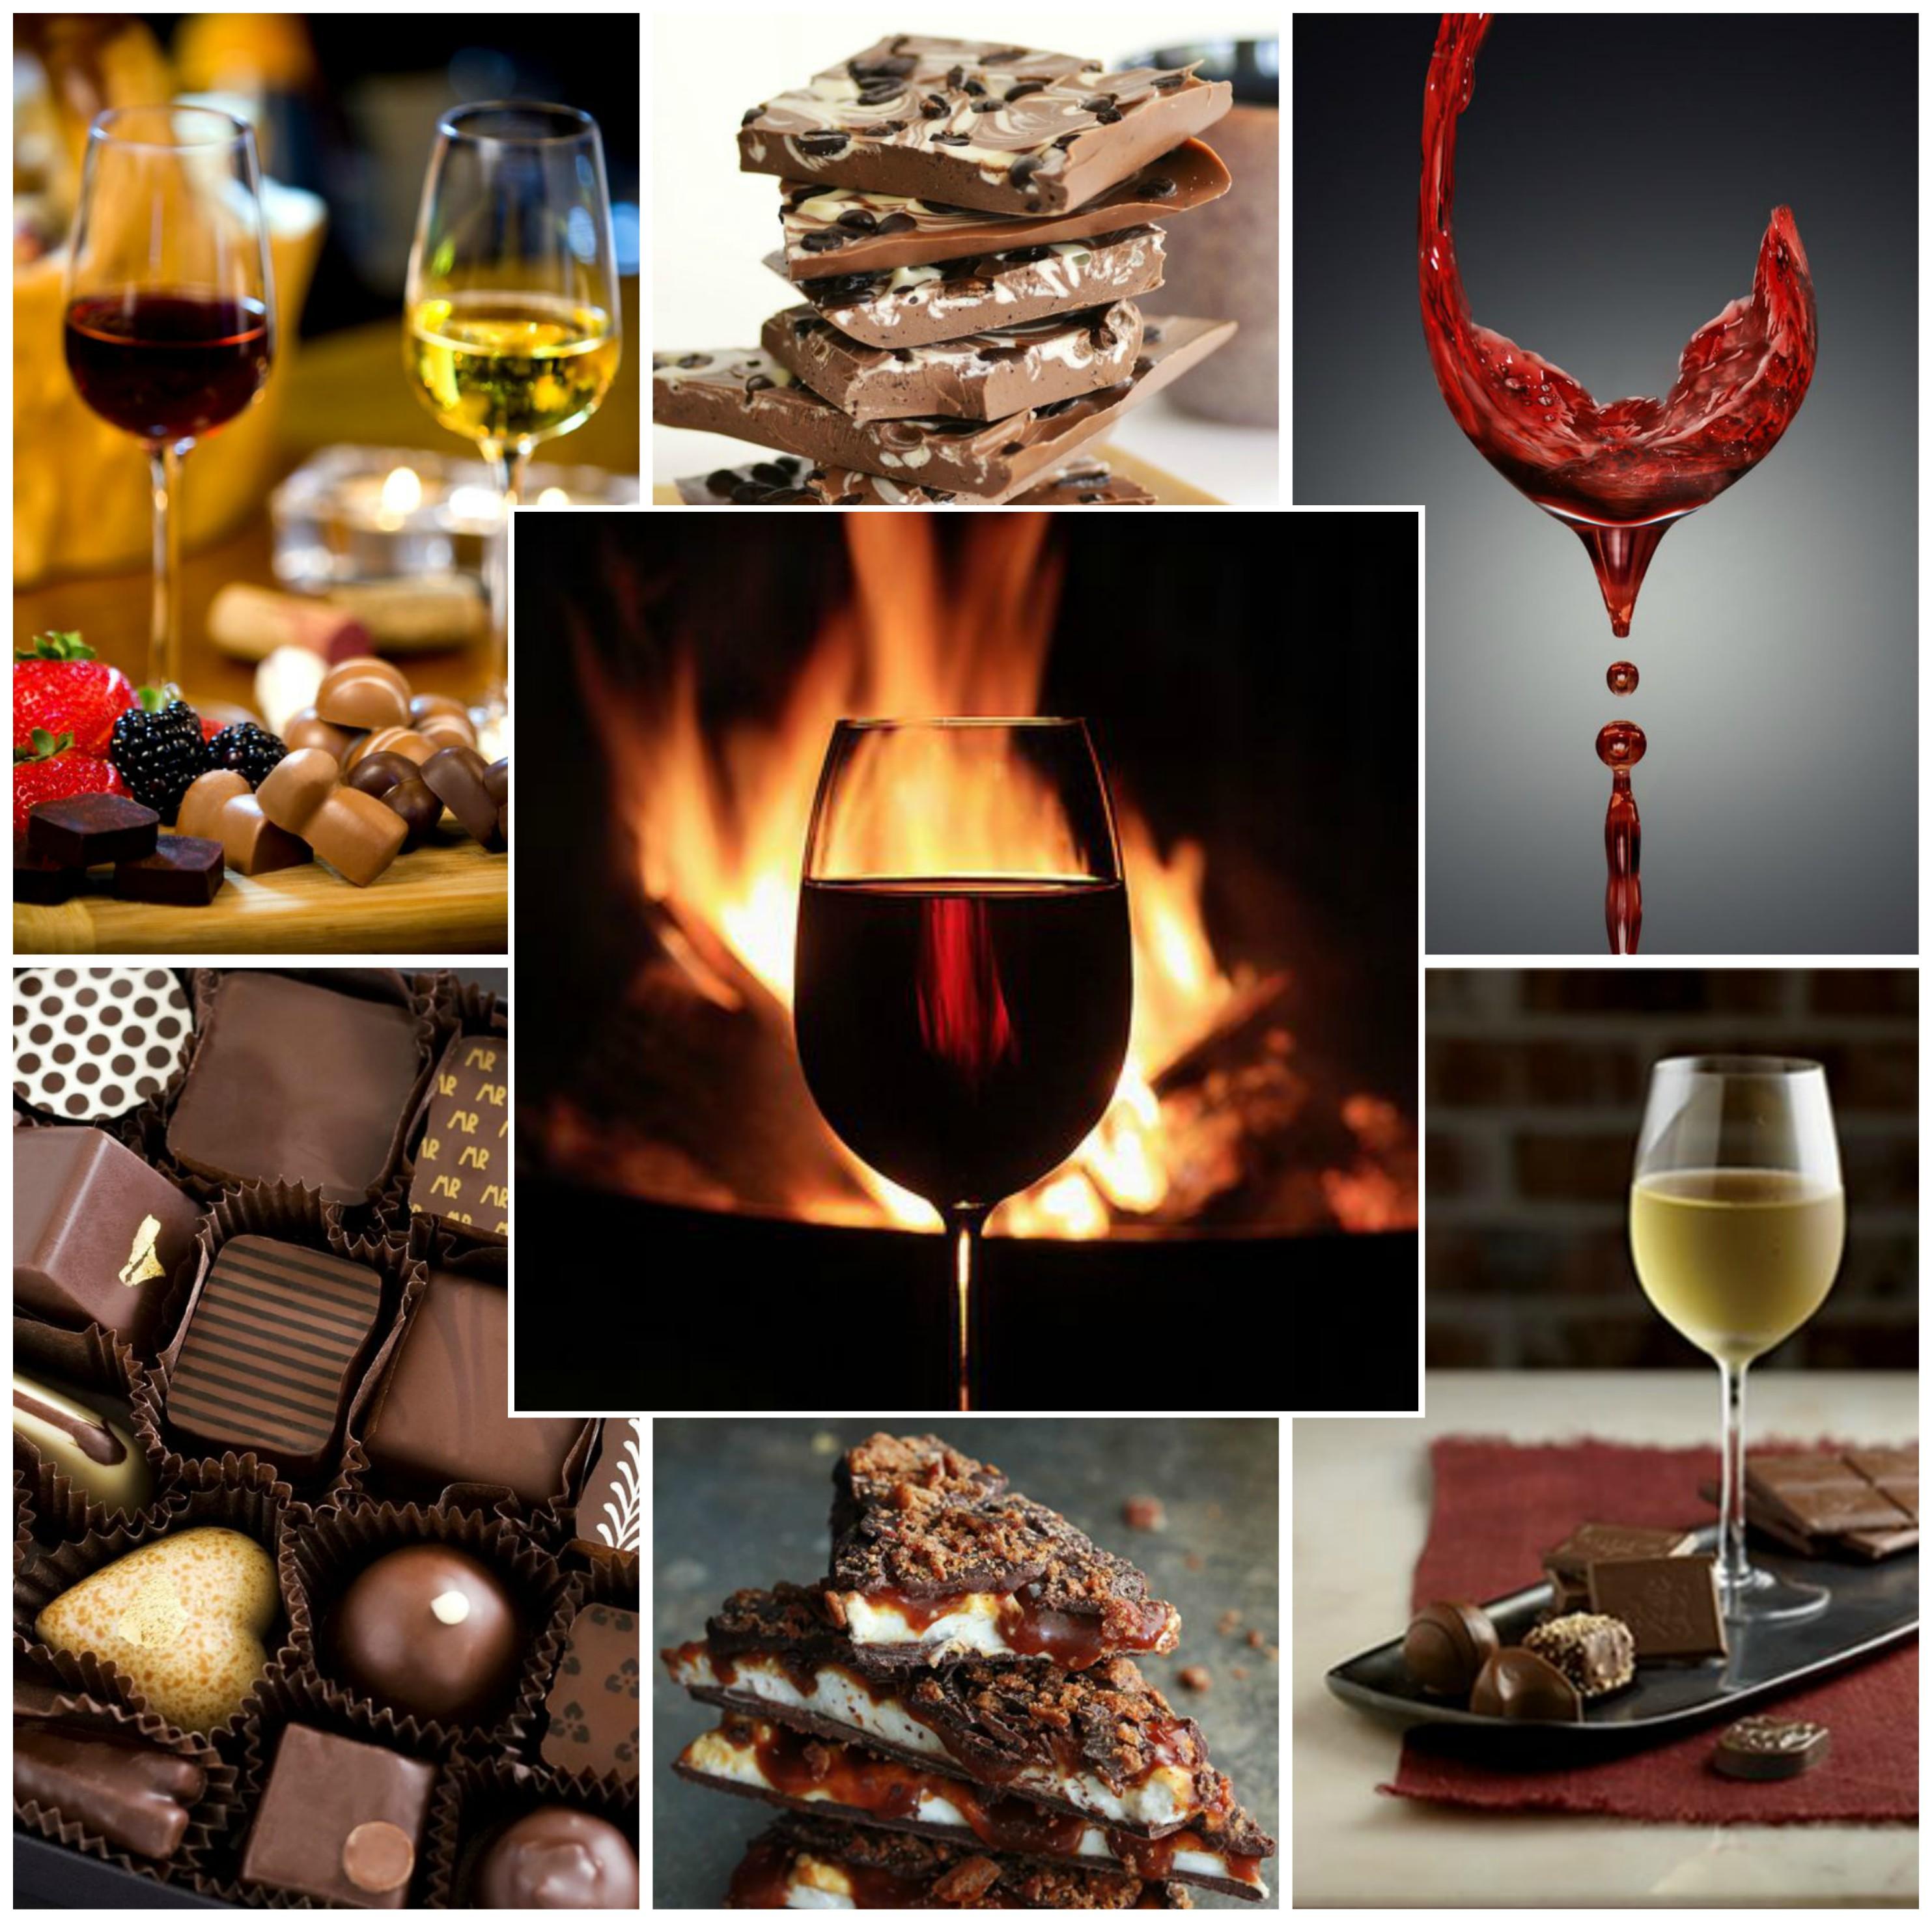 csokoládé és bor